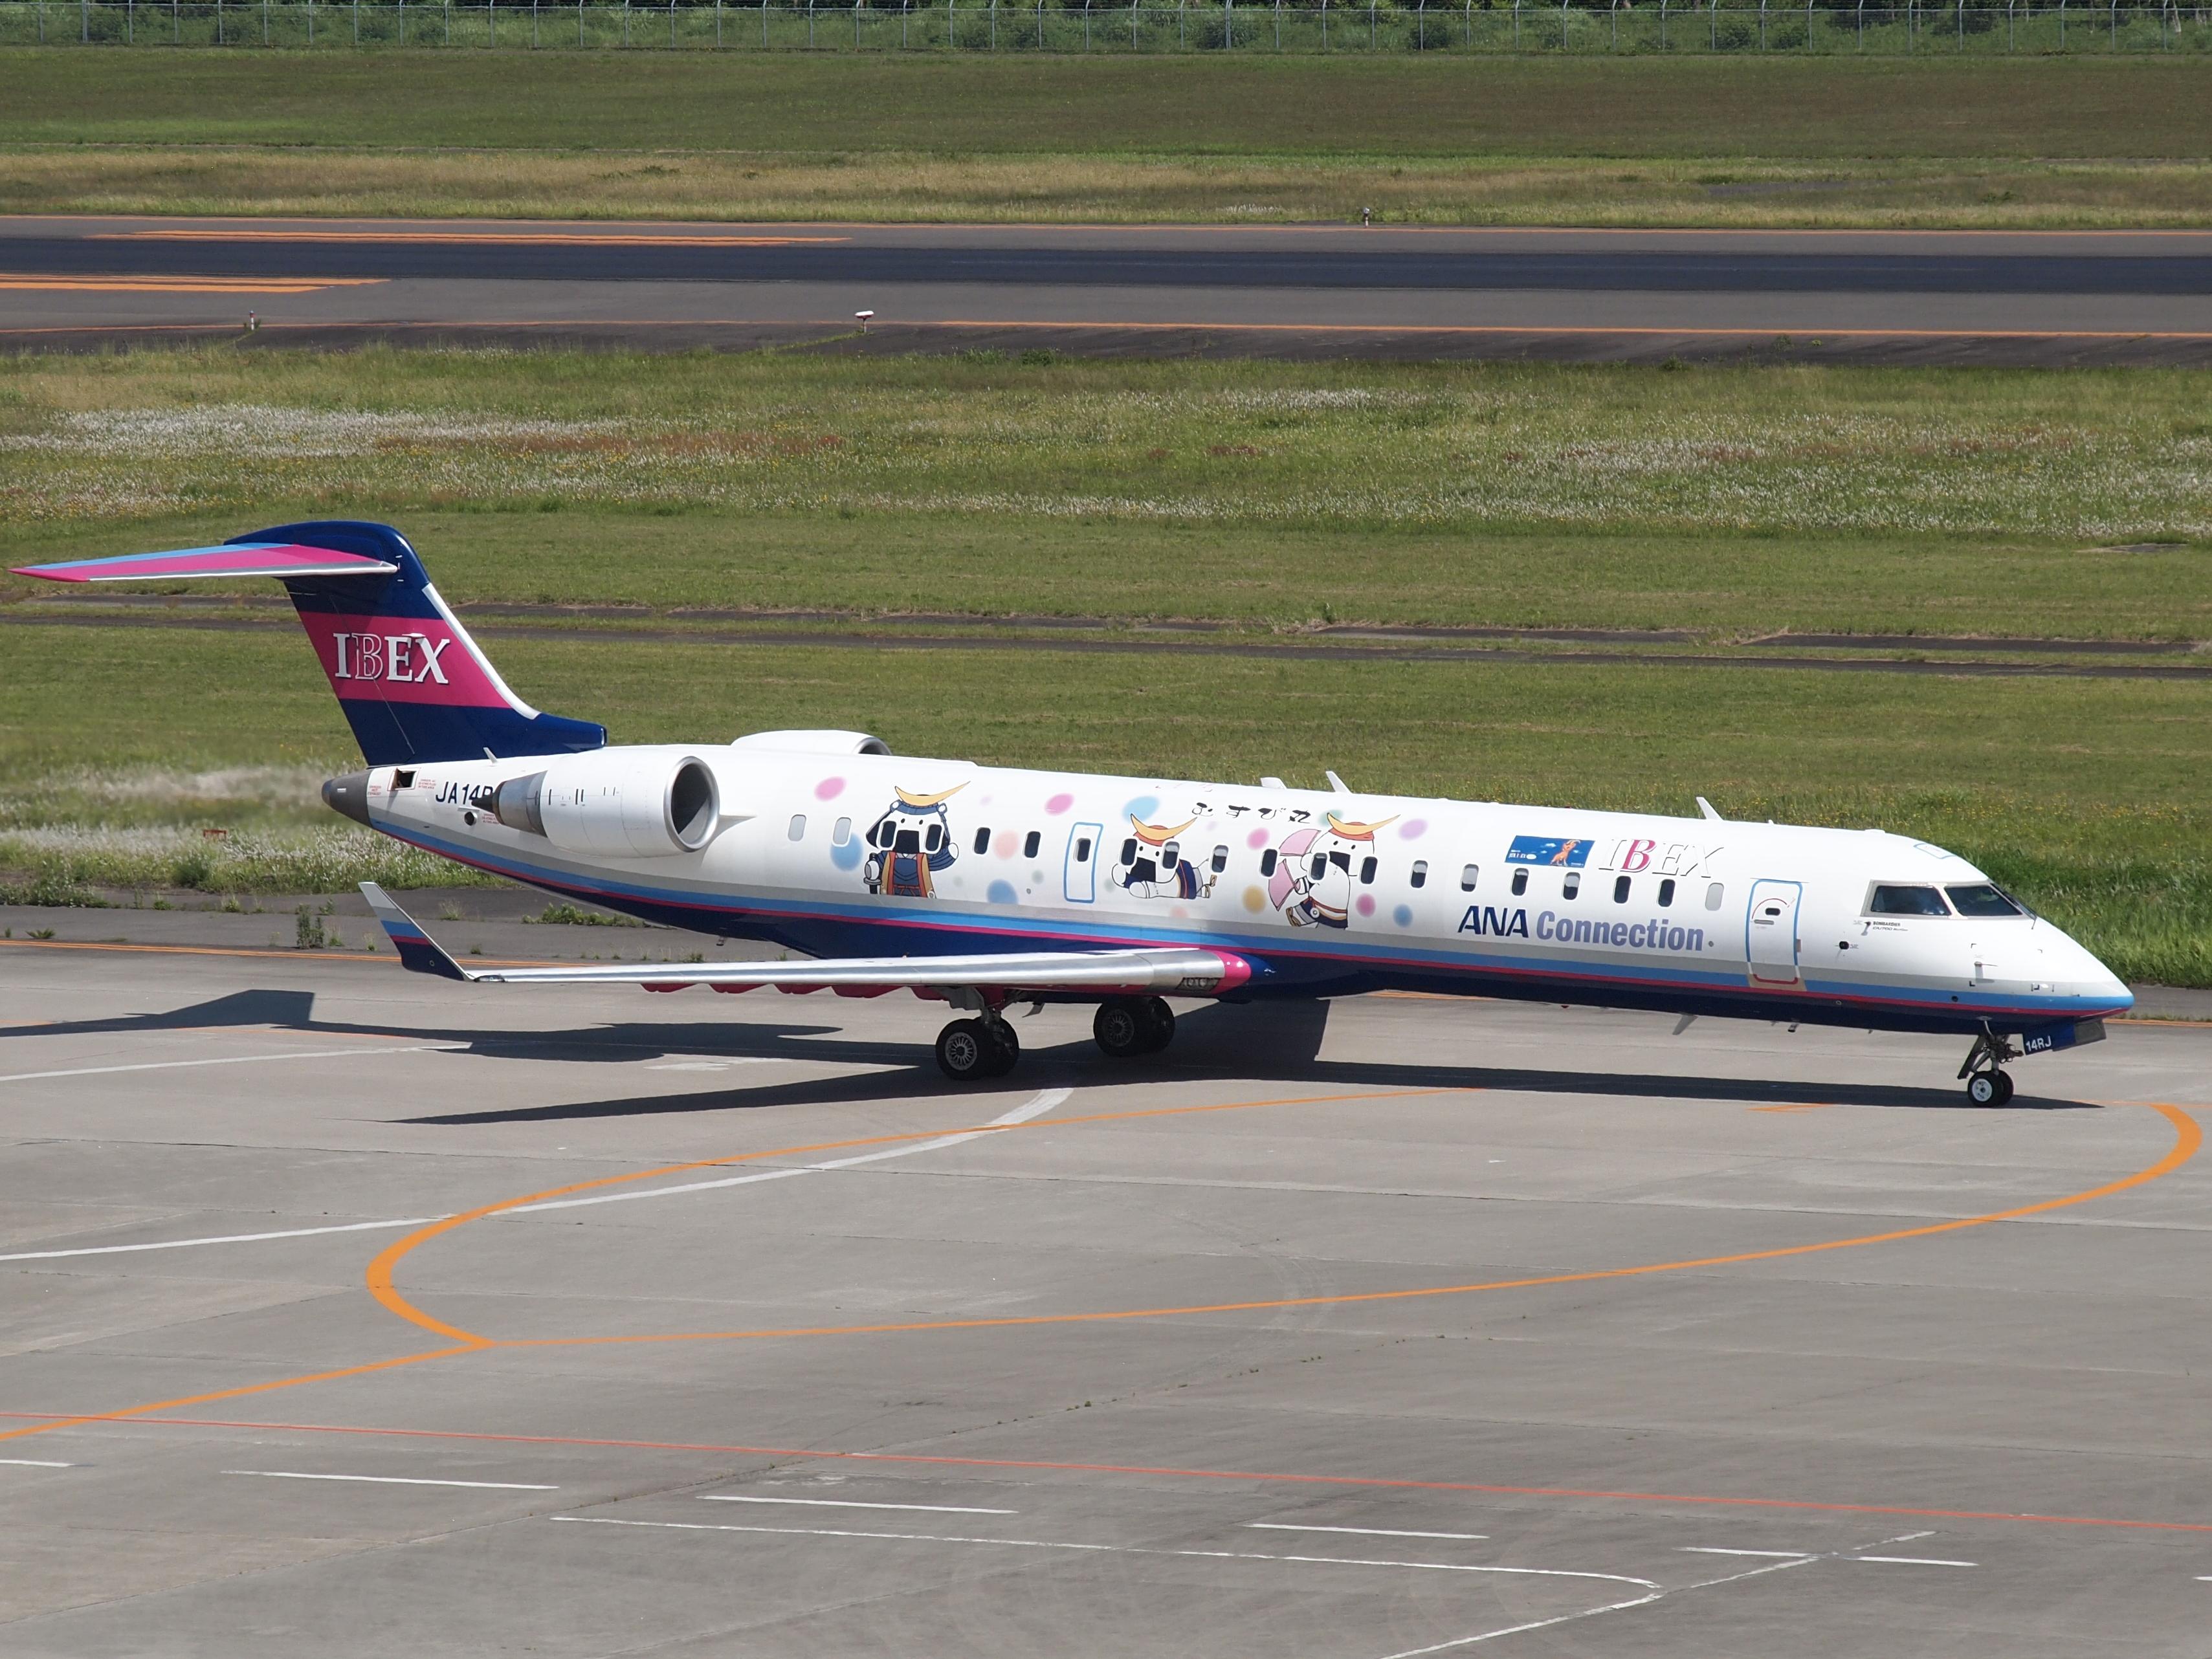 デルタ航空、MD-88とMD-90の定期便運航は今日が最後!